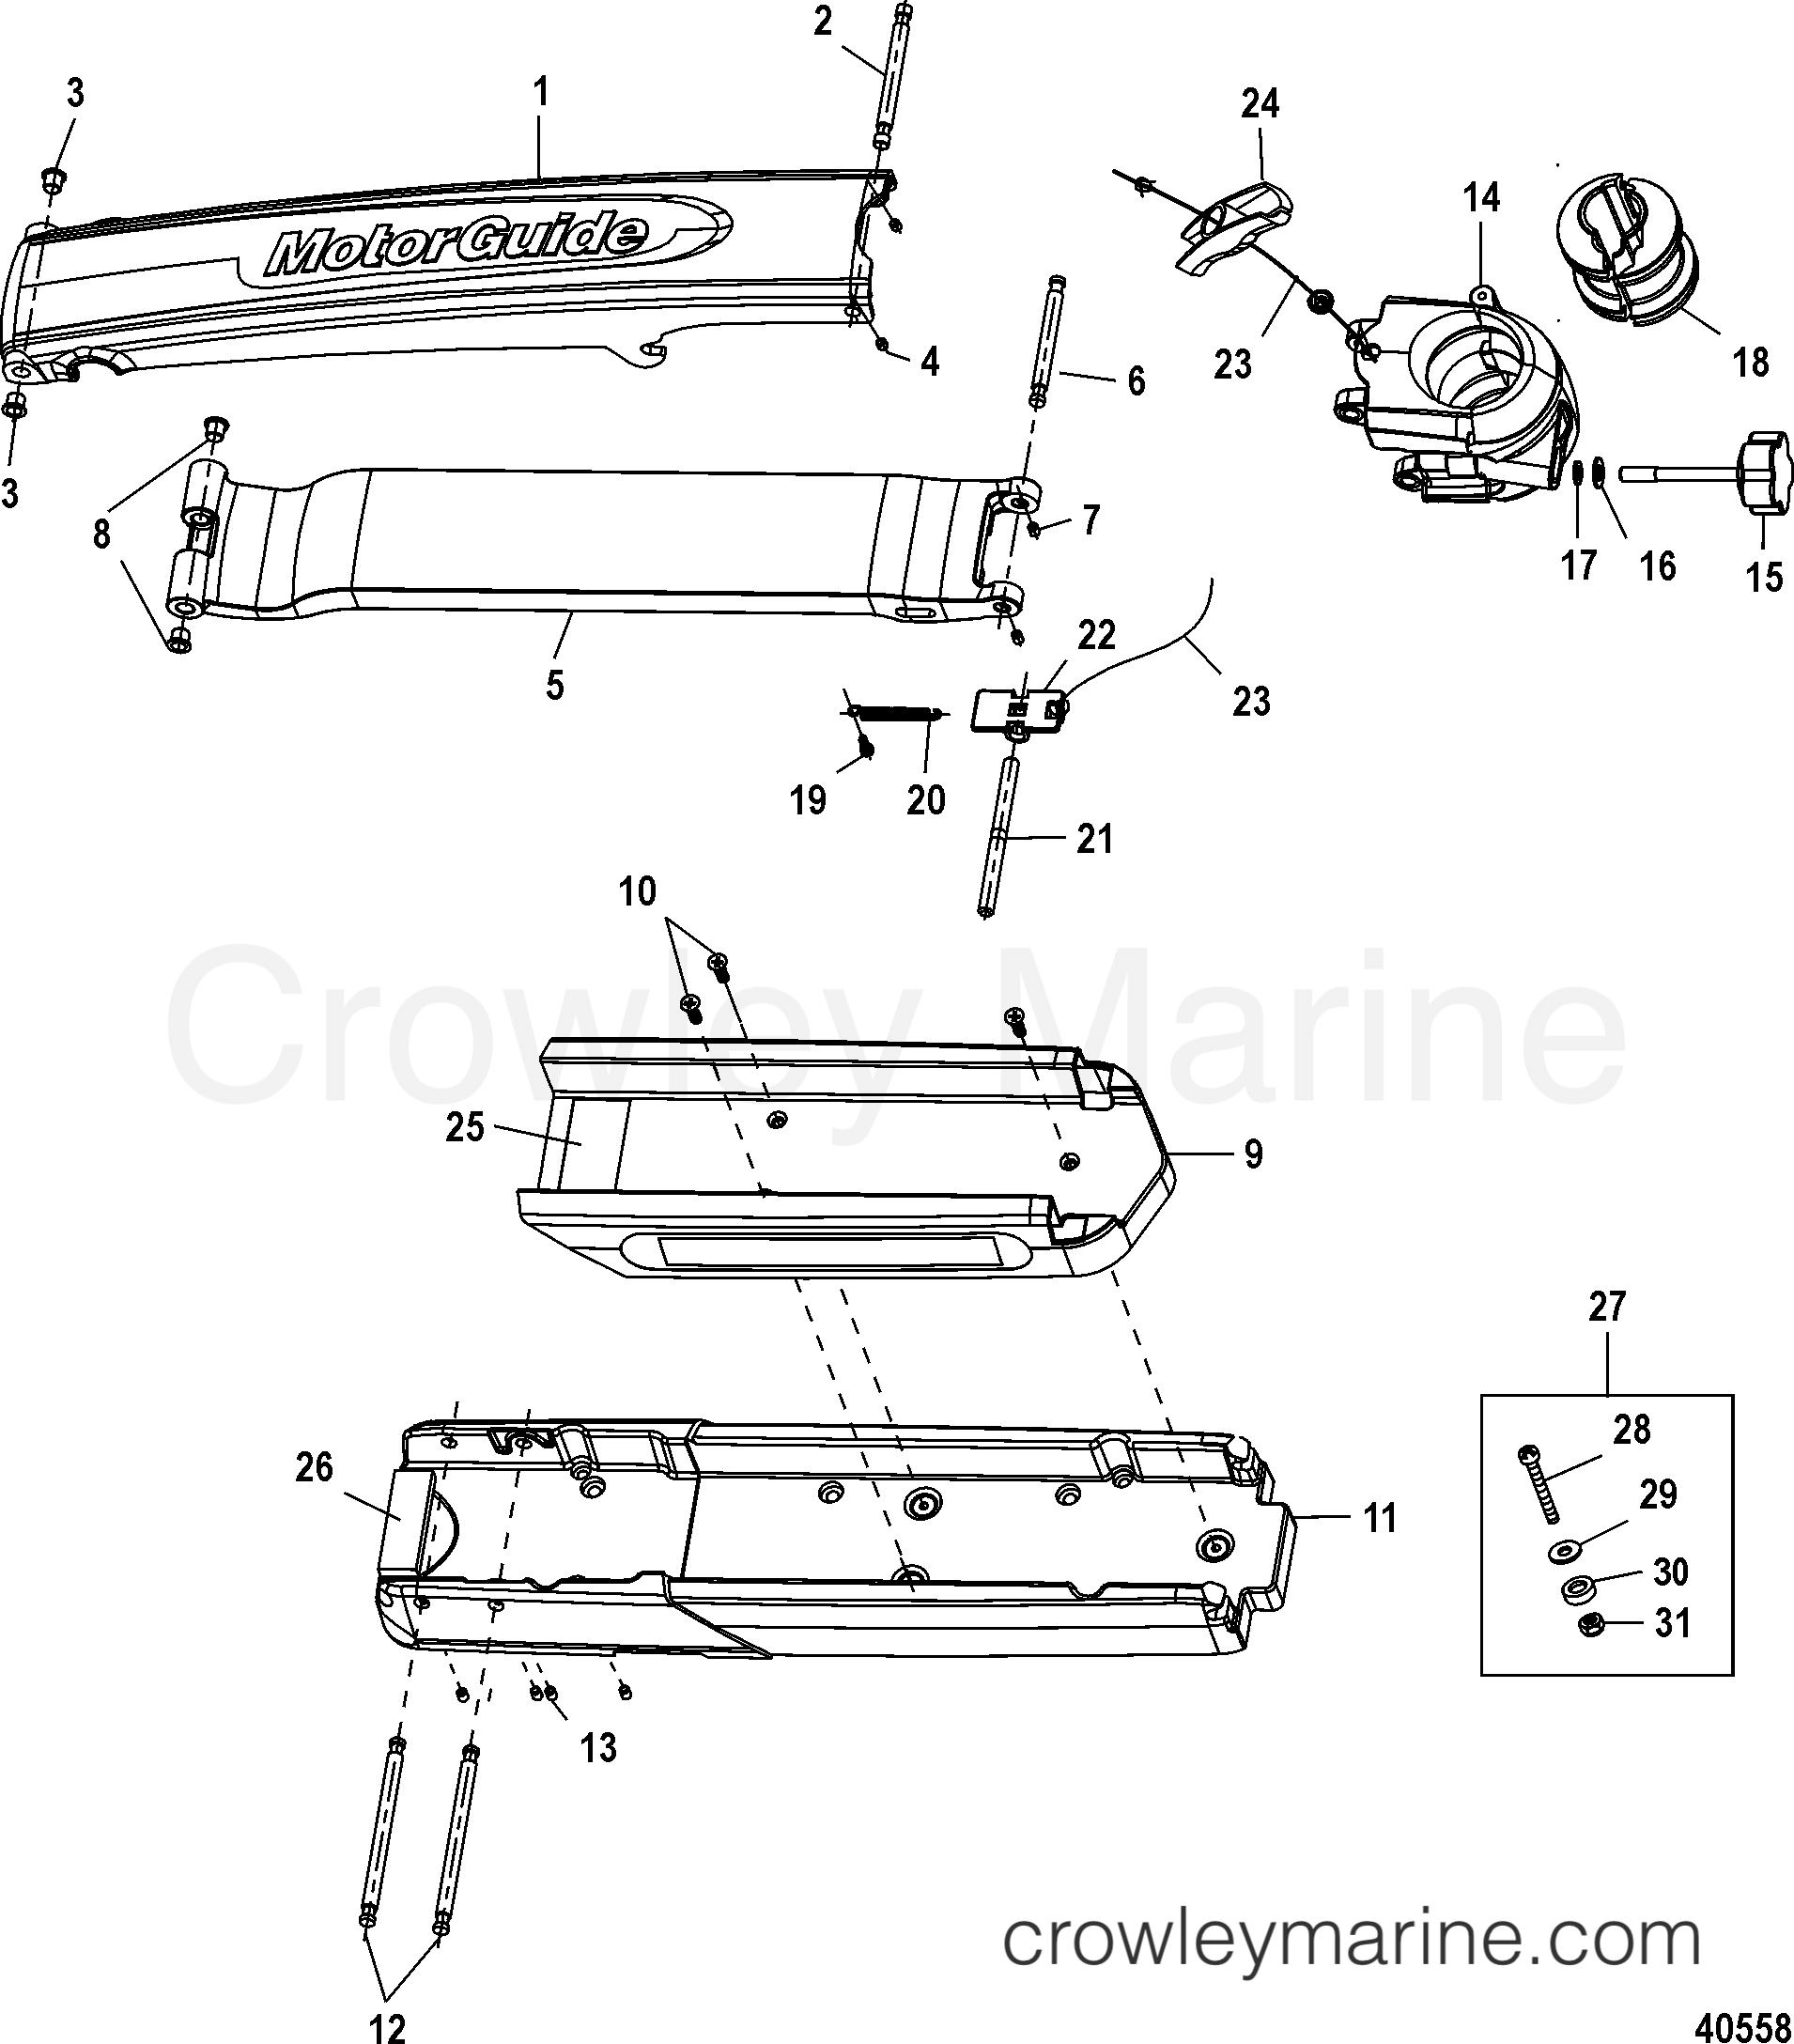 2005 MotorGuide 12V [MOTORGUIDE] - 921310040 GATOR 360 FLEX II MOUNT (BLACK) (DESIGN II)(8M4501607) section